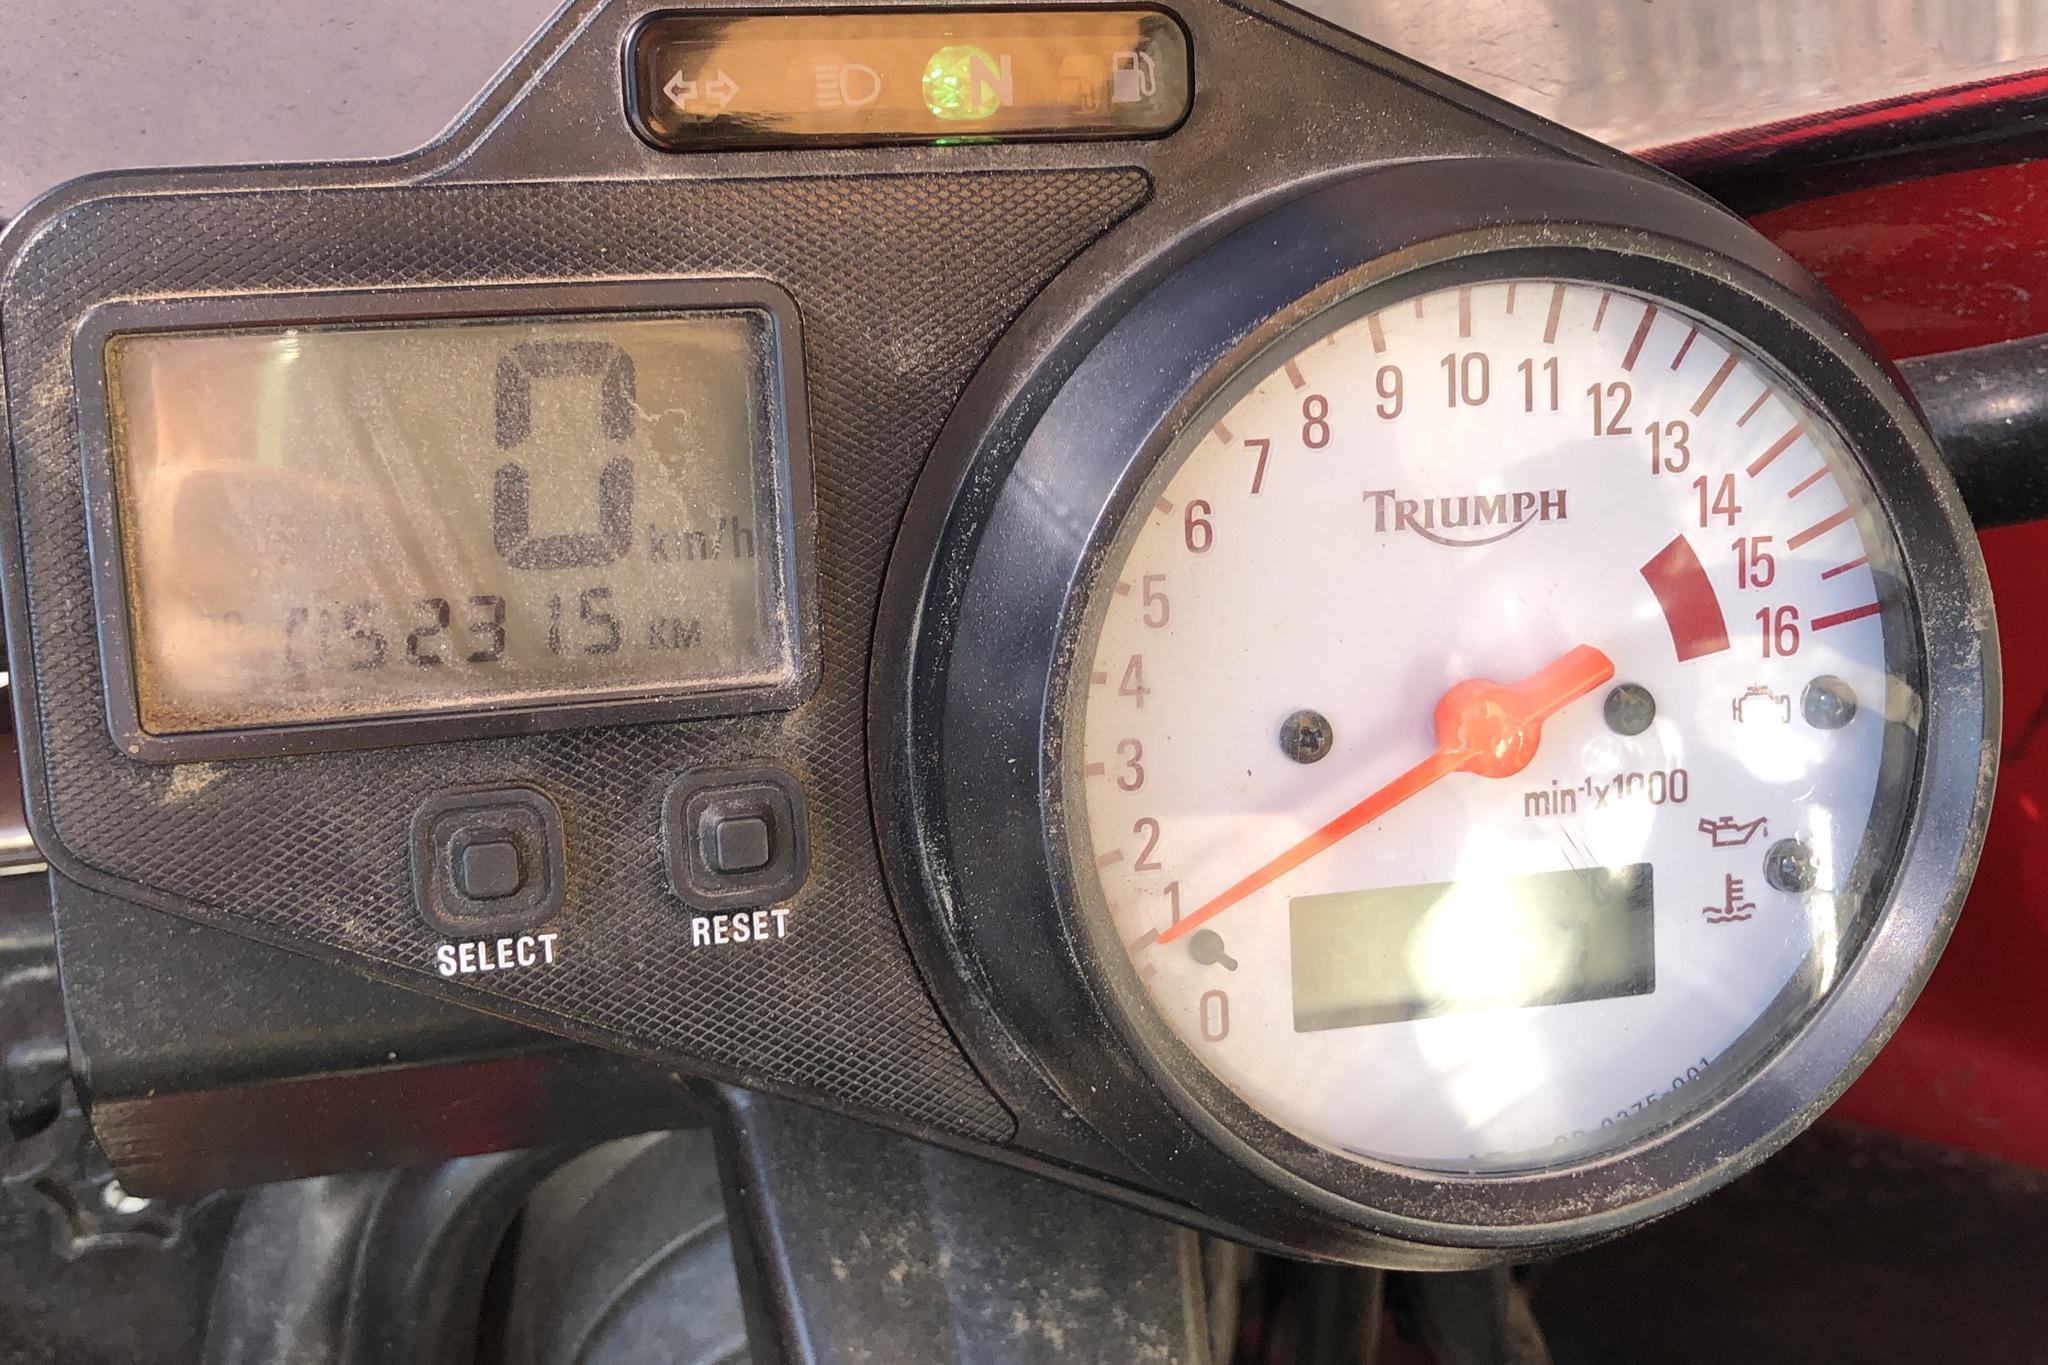 TRIUMPH TT 600 Motorcykel - 5 231 mil - Manuell - röd - 2000